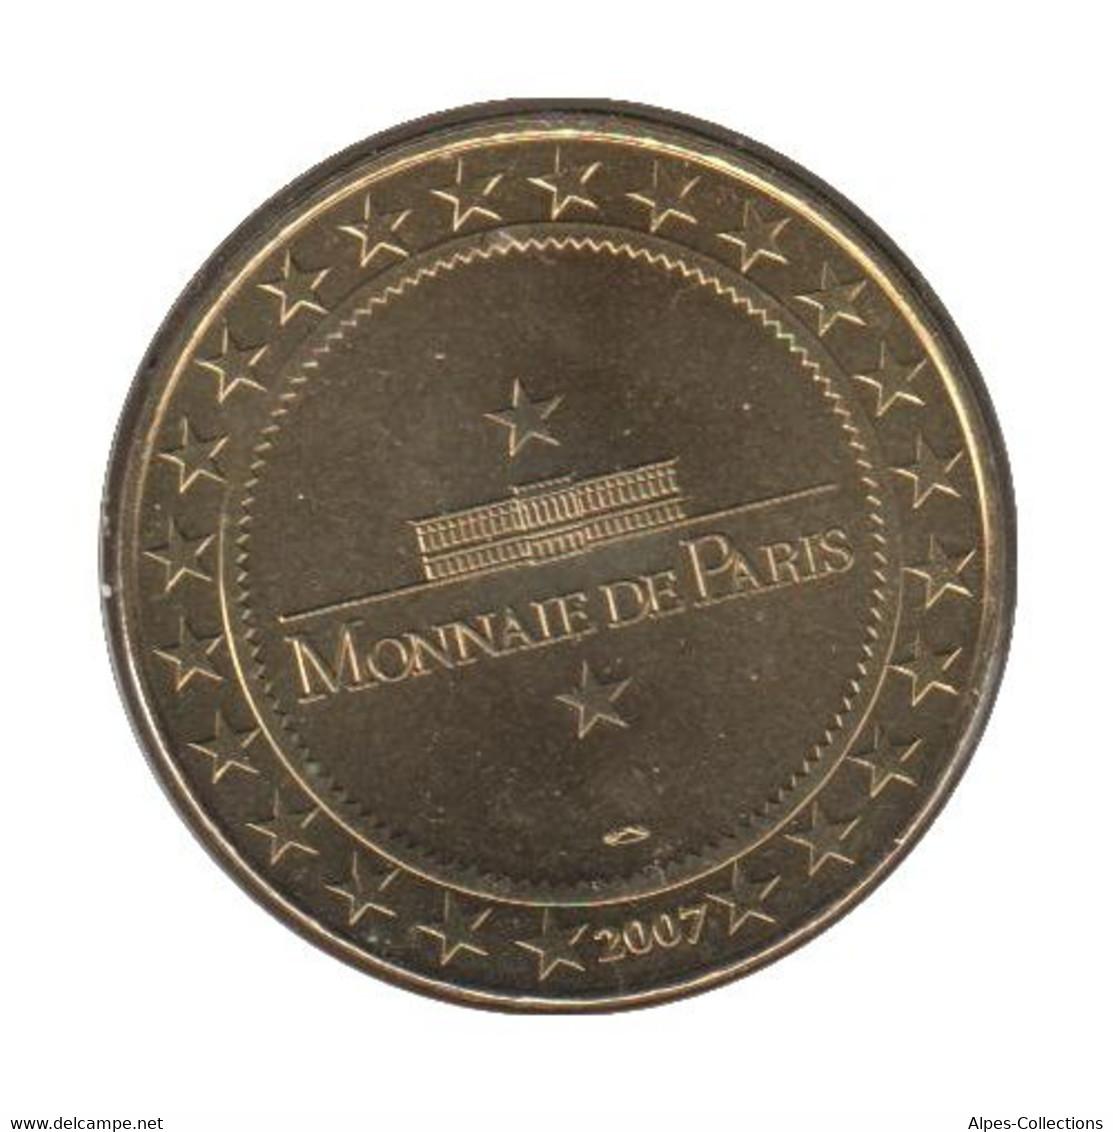 0048 - MEDAILLE TOURISTIQUE MONNAIE DE PARIS 15 - Chaudes Aigues - 2007 - Monnaie De Paris